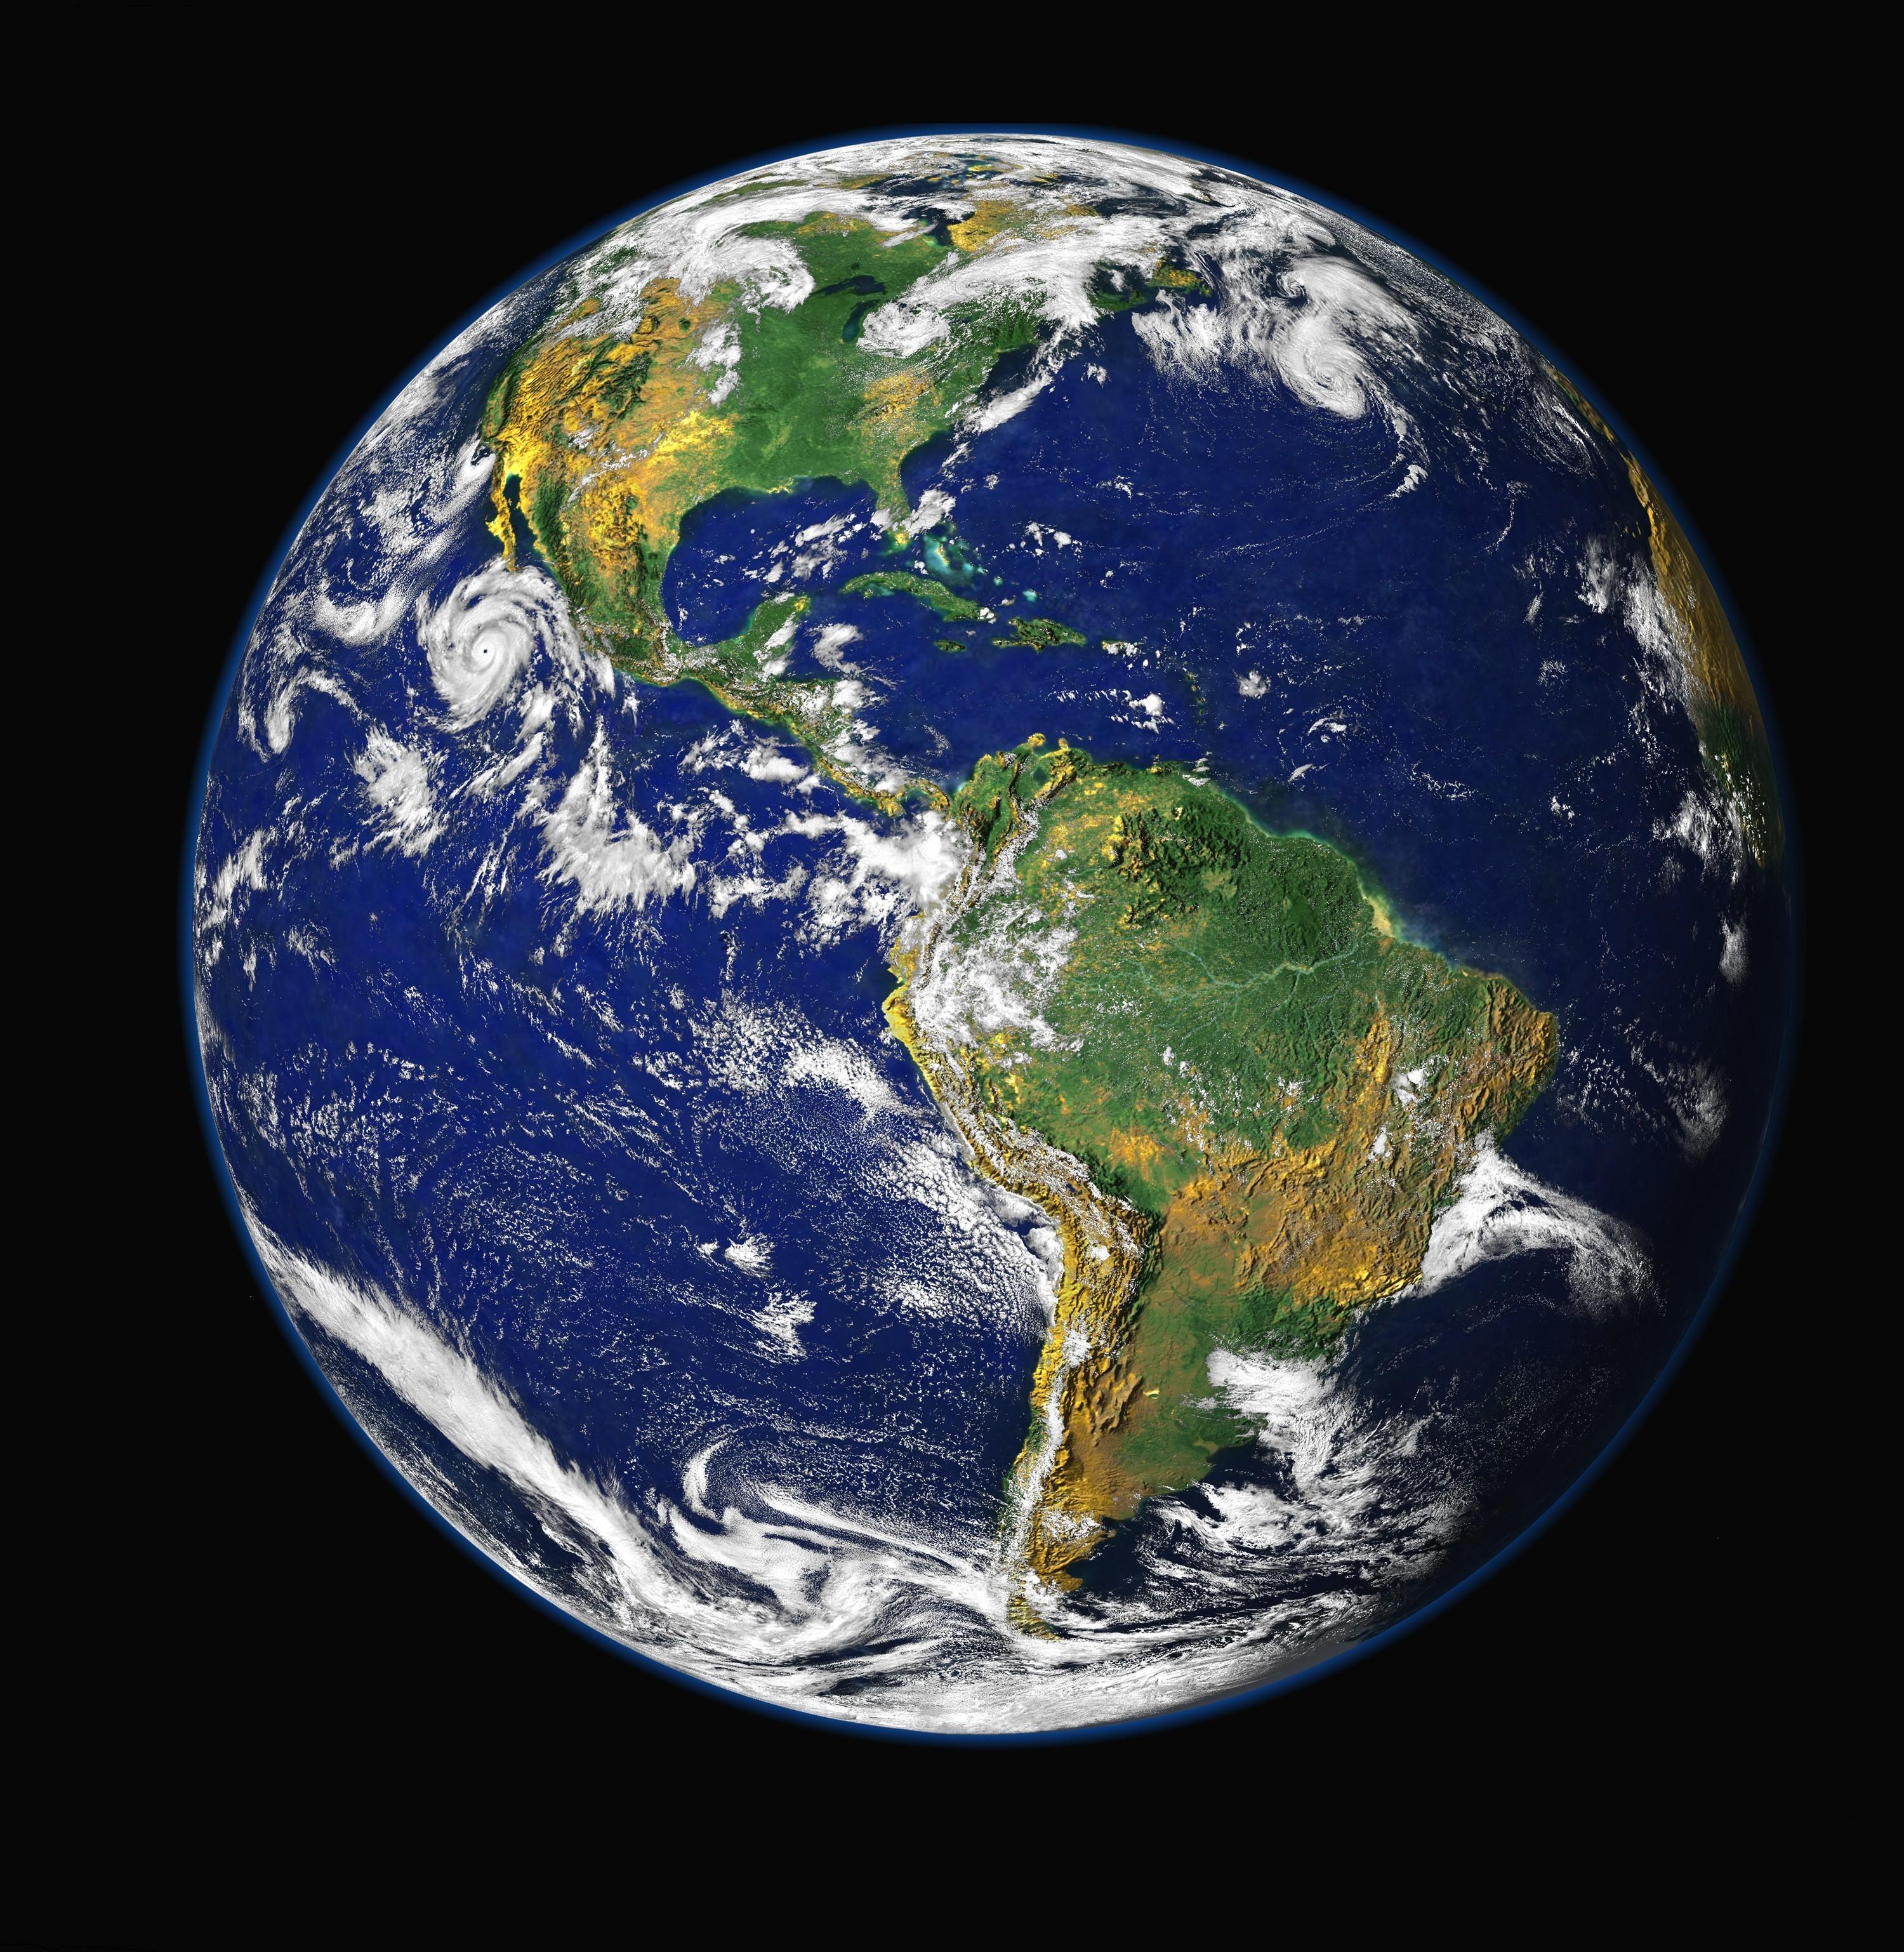 Earth Blue-Marble-by-Nasa-Public-Domain-via-Wikimedia